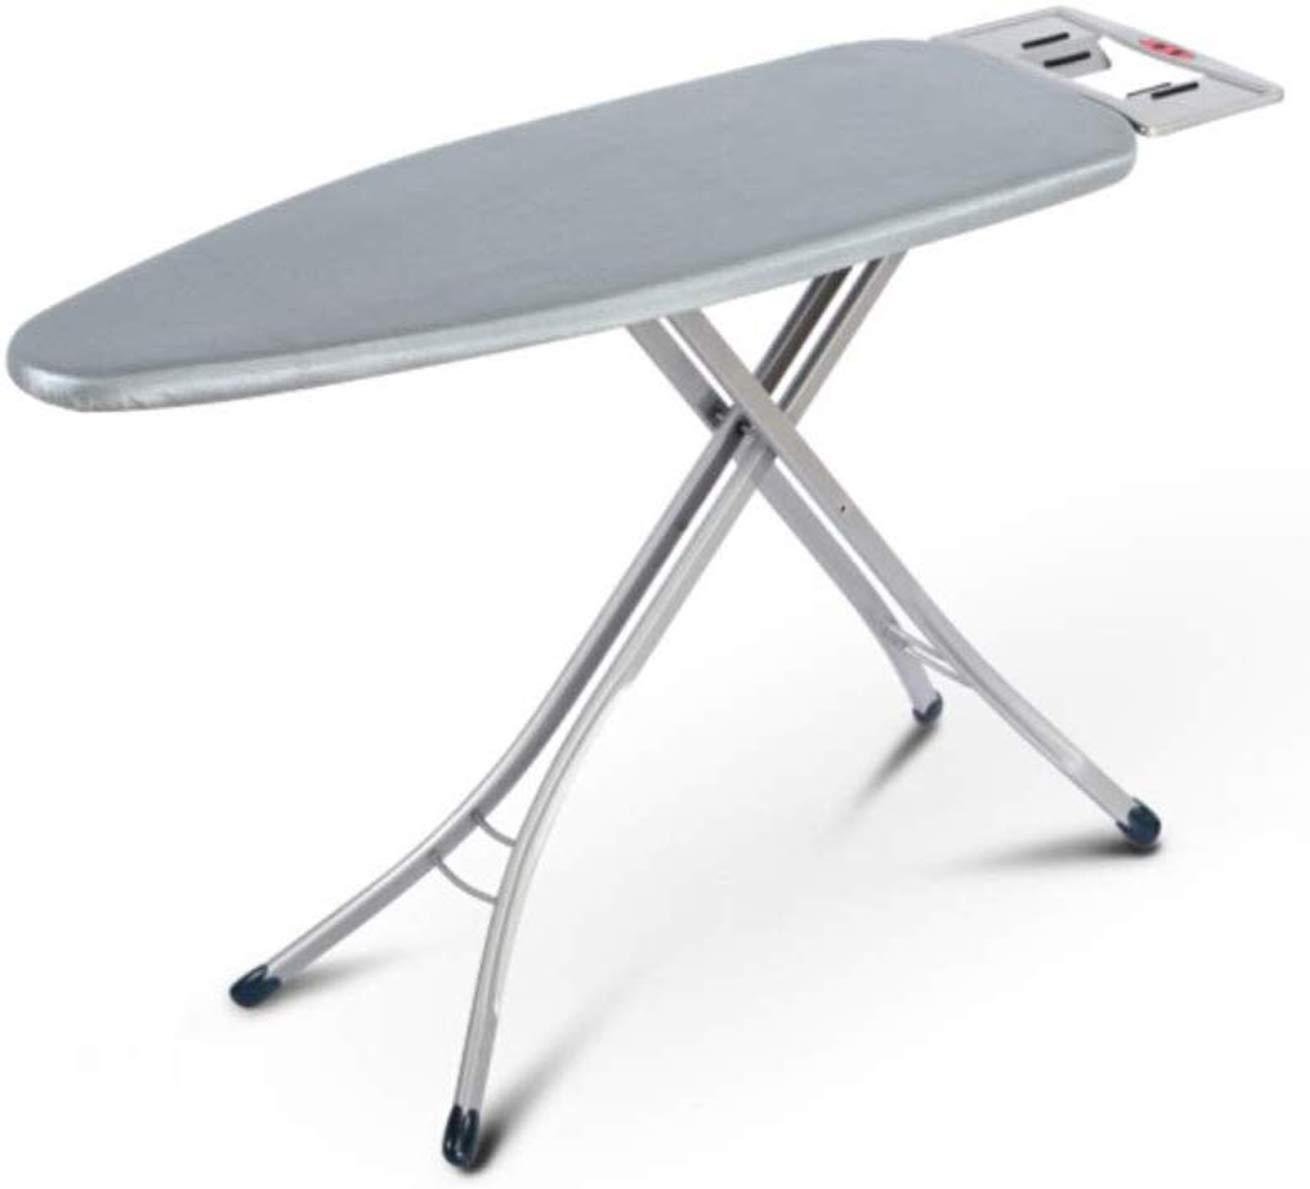 Aysis Portable Folding Ironing Board